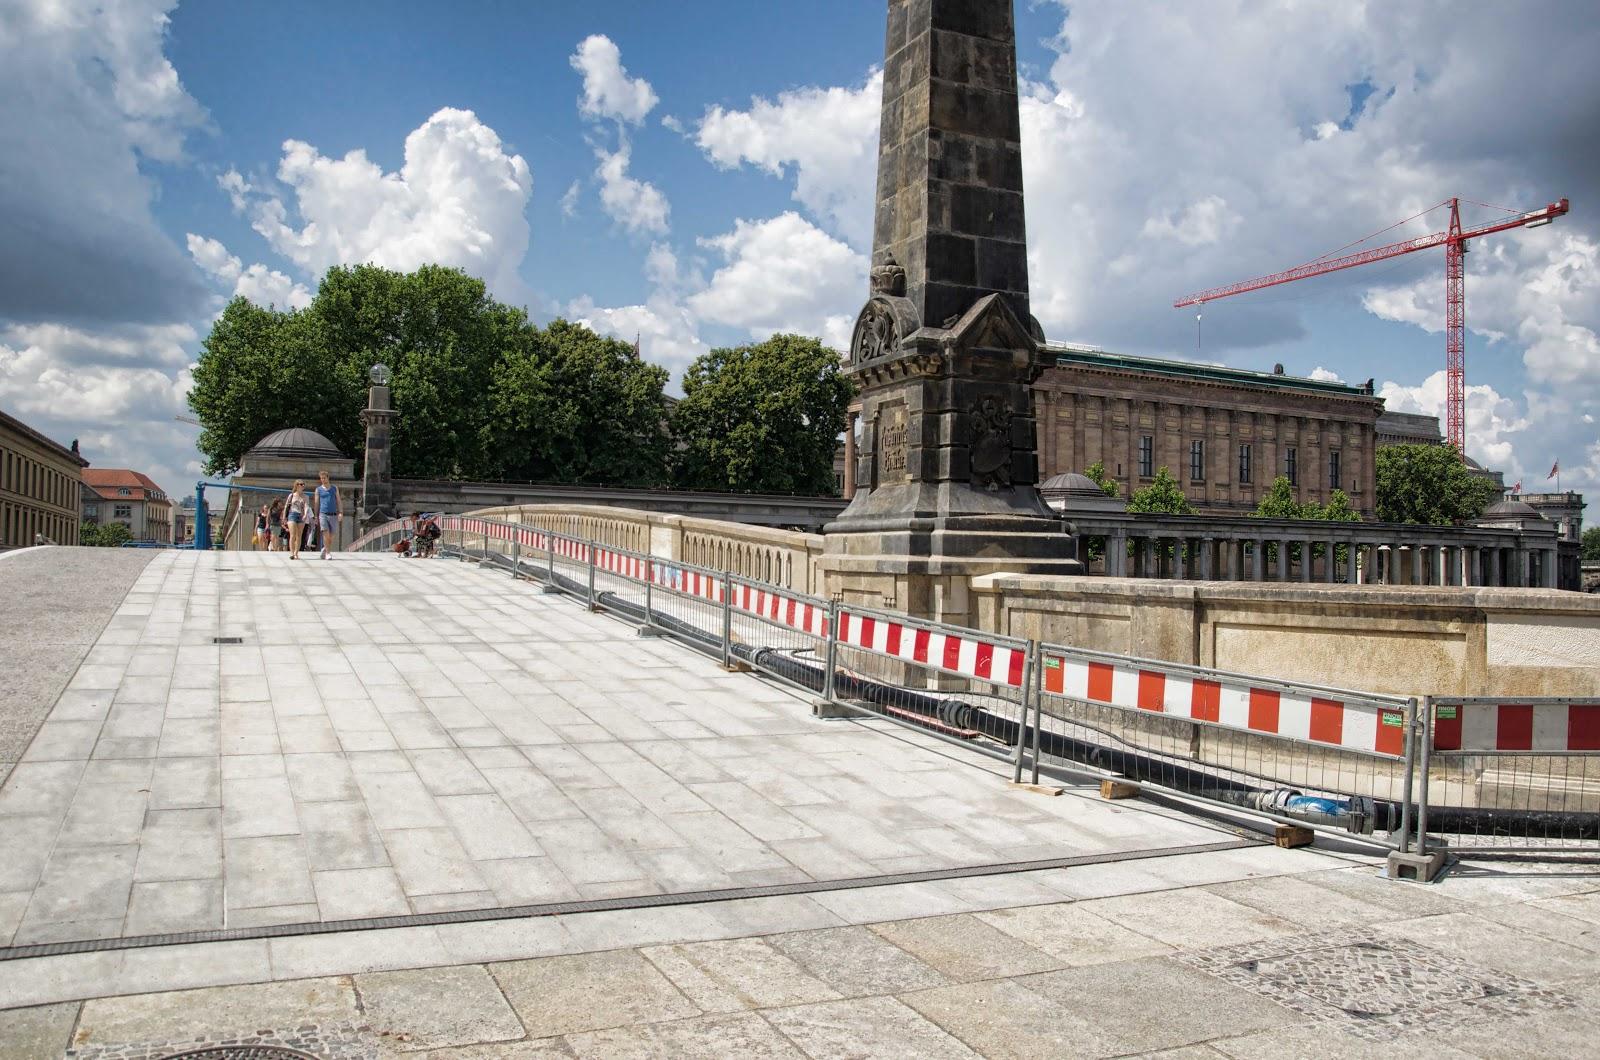 Bodestraße 10178 Berlin